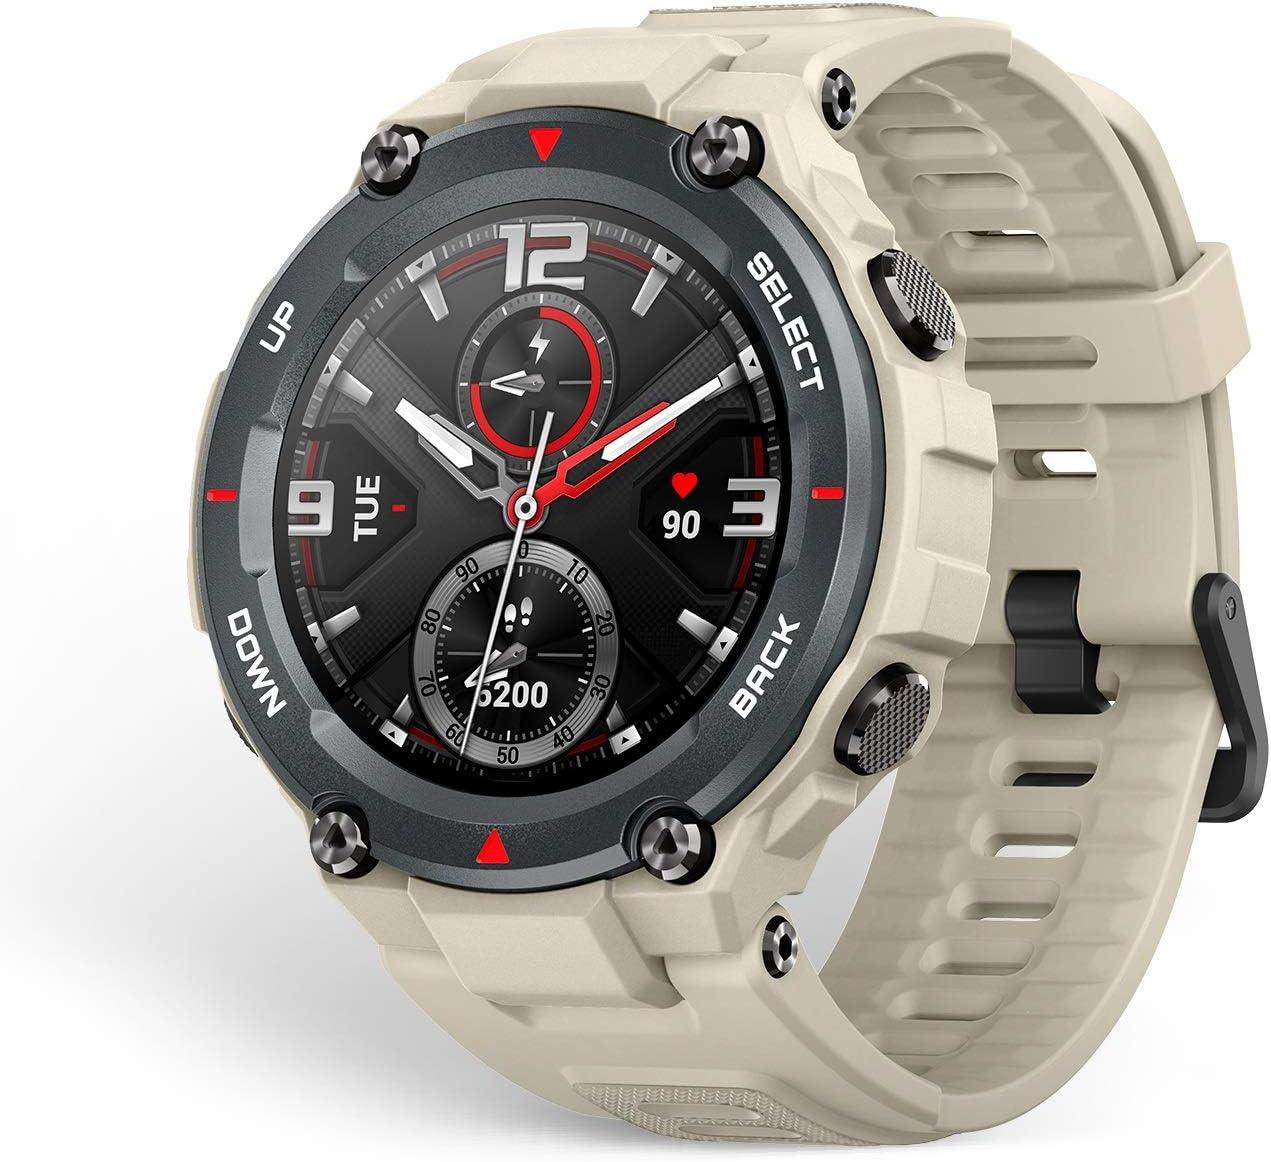 Amazfit T-Rex Smartwatch Pulsera Inteligente Reloj Deportativo Monitor de Sueño Notificación Llamada y Mensaje 5ATM Diseño Resitente Ambiente para Andriod y iOS Khaki